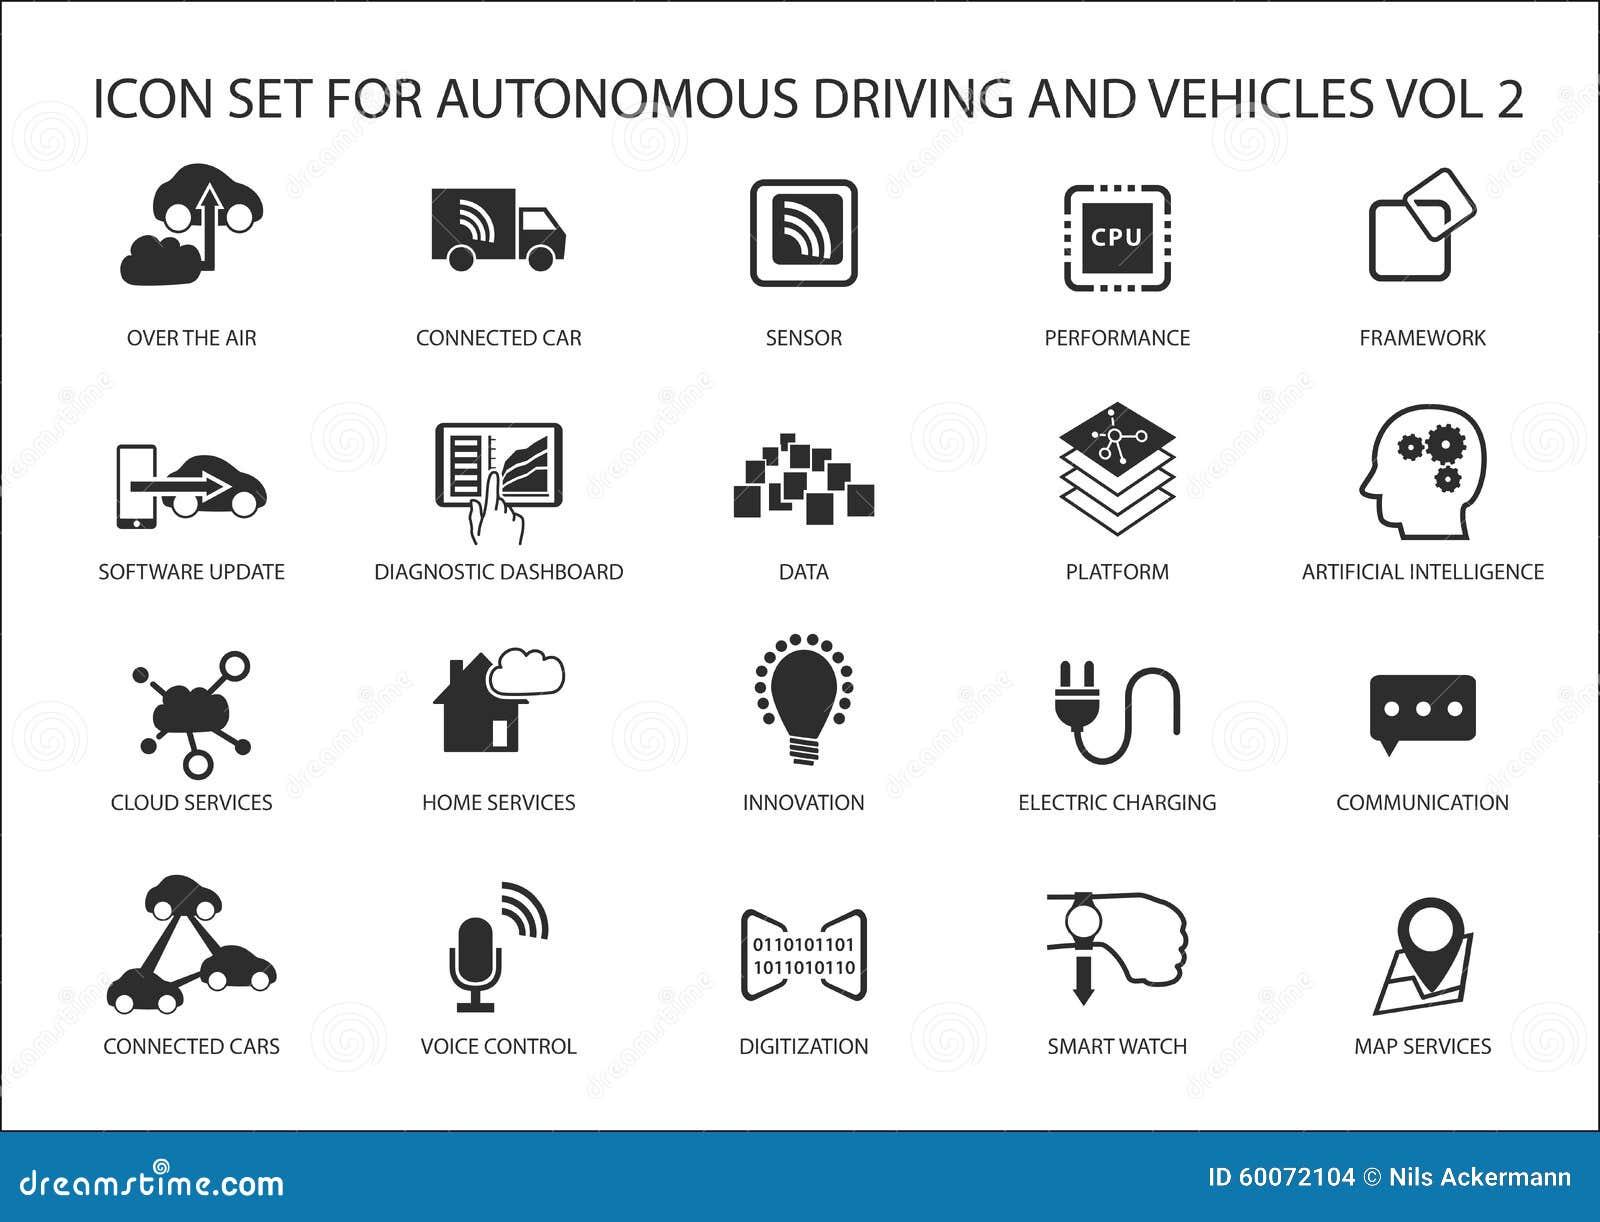 Het zelf drijven en autonome voertuigenpictogrammen